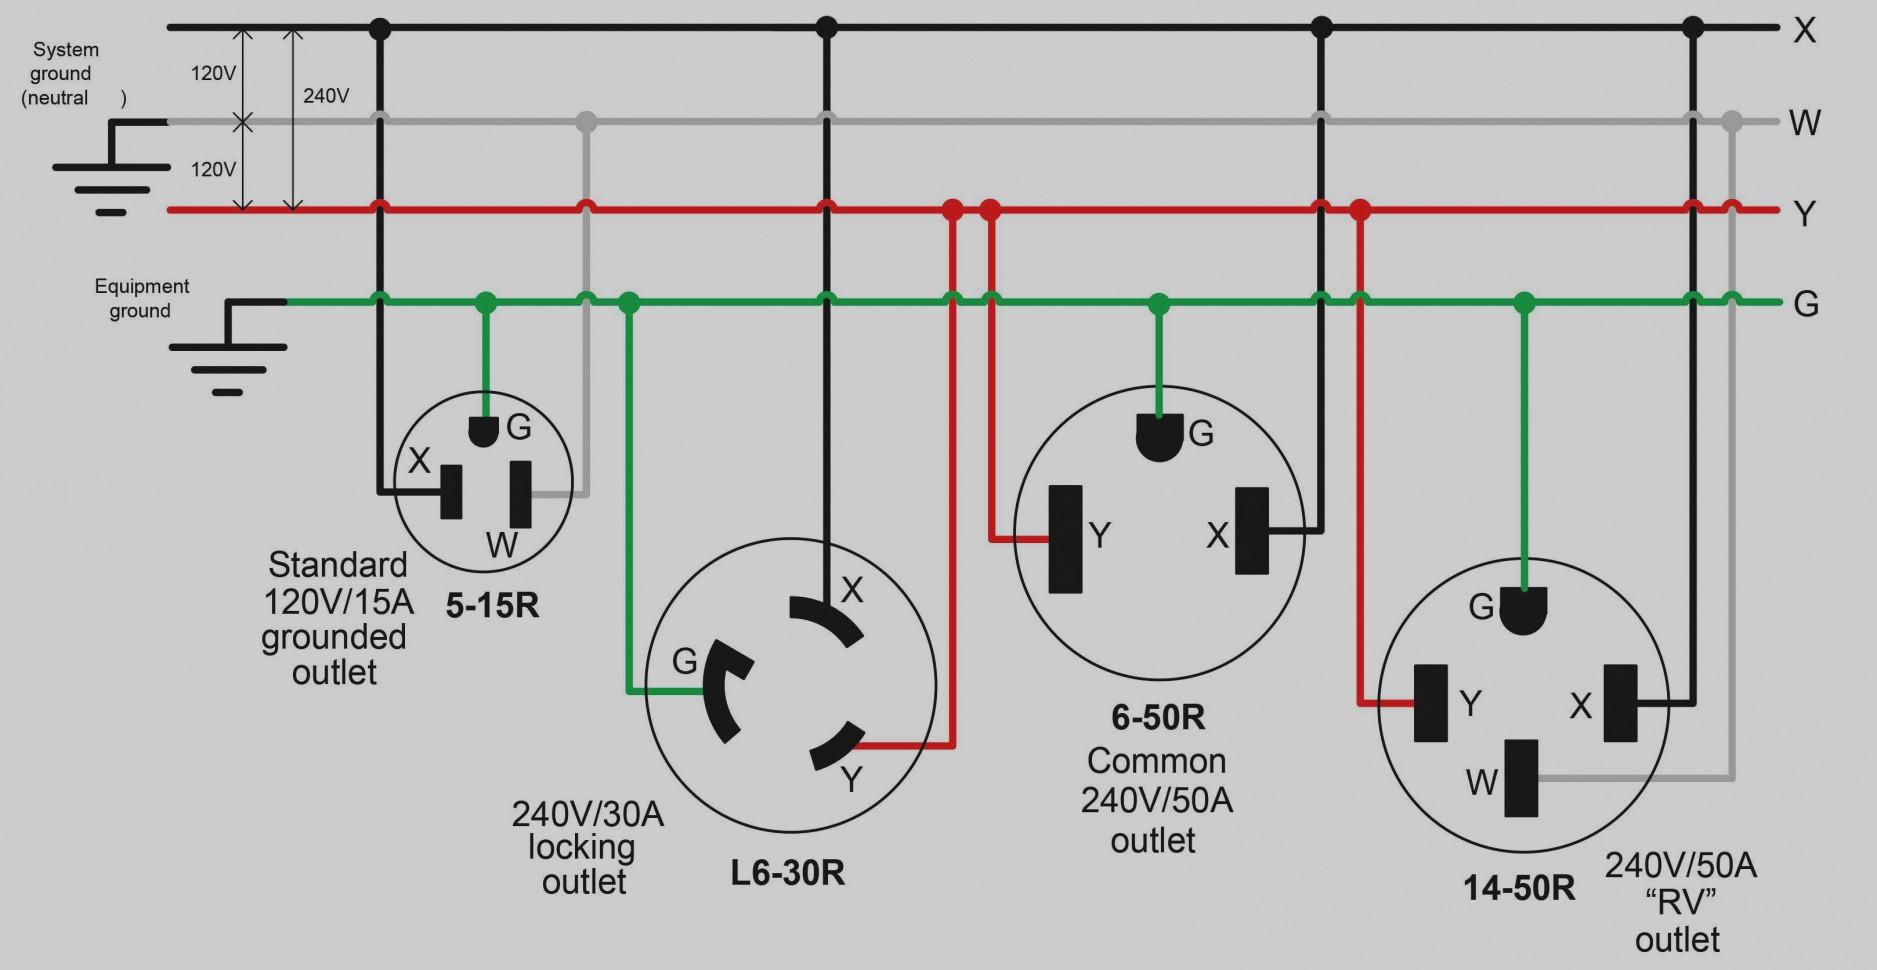 DA25D34 220 Plug Wiring Diagram Schematic | Wiring ResourcesWiring Resources